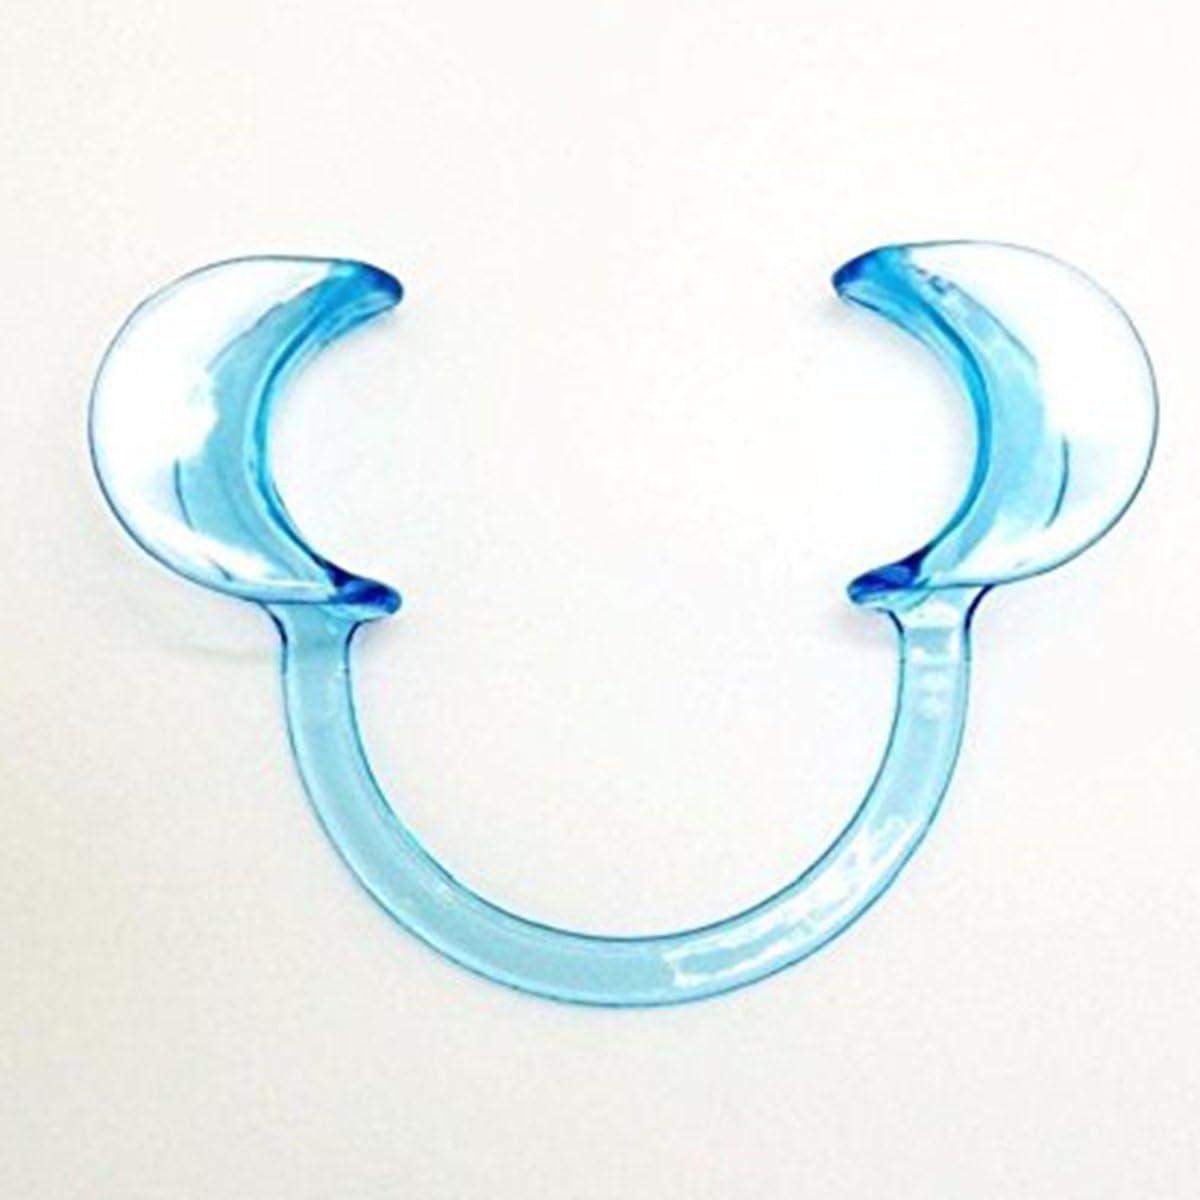 ULTNICE Dental C-forma Tipo Clear Cheek Retractor boca abridor de labios 20Pcs - L (azul): Amazon.es: Salud y cuidado personal